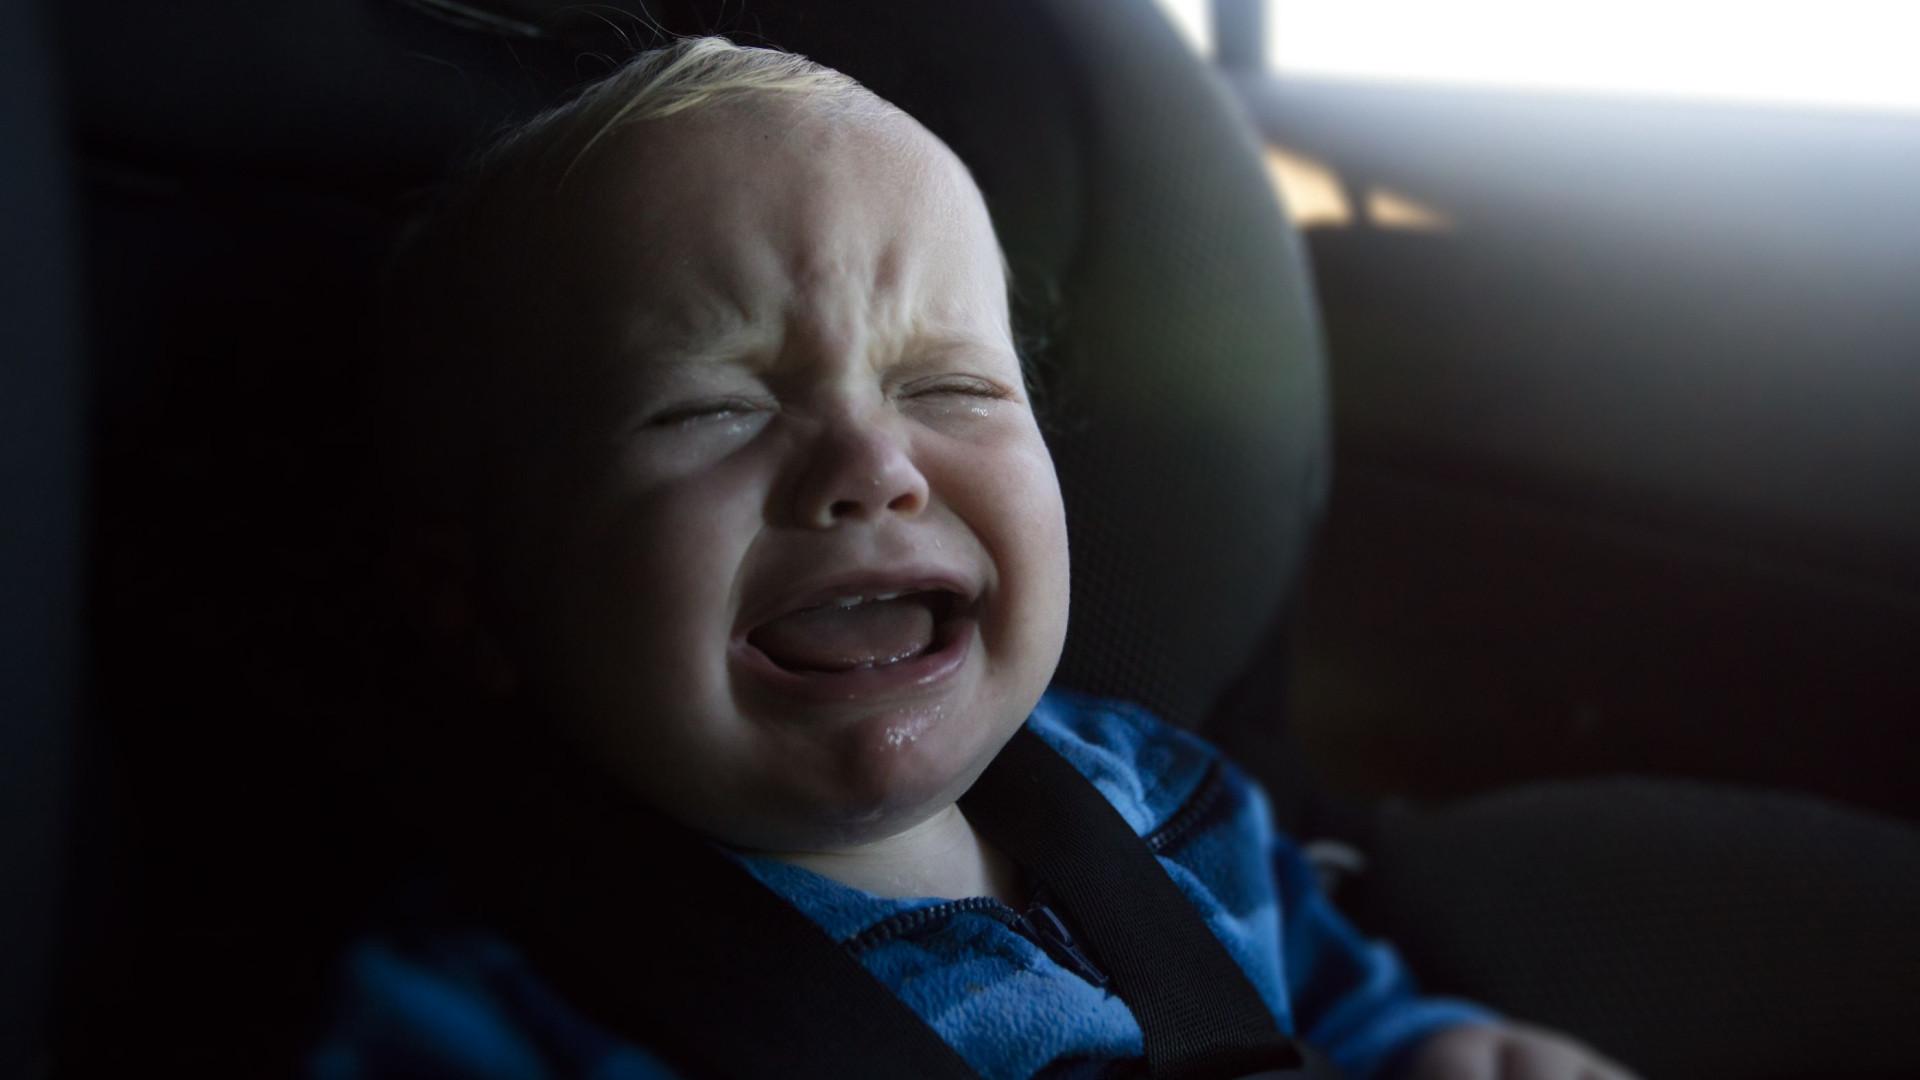 Avô deixa neto recém-nascido sozinho no carro durante vaga de calor